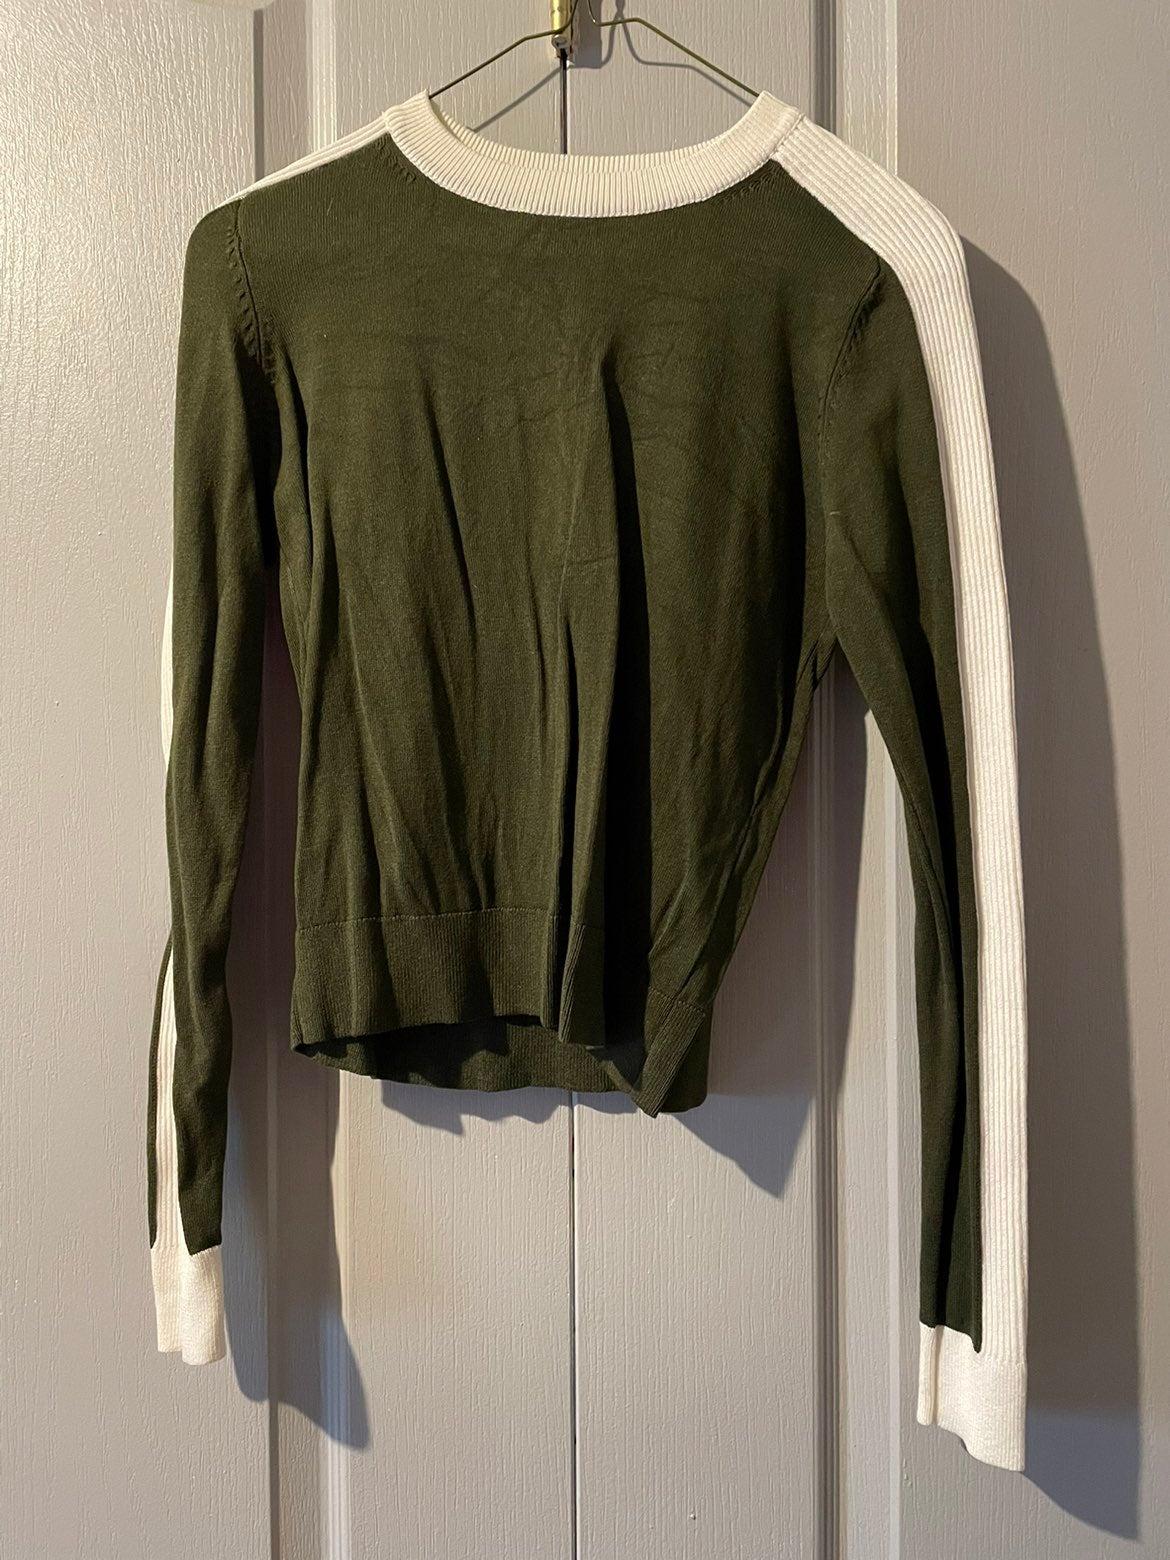 Zara Knit Green Sweater Size Small